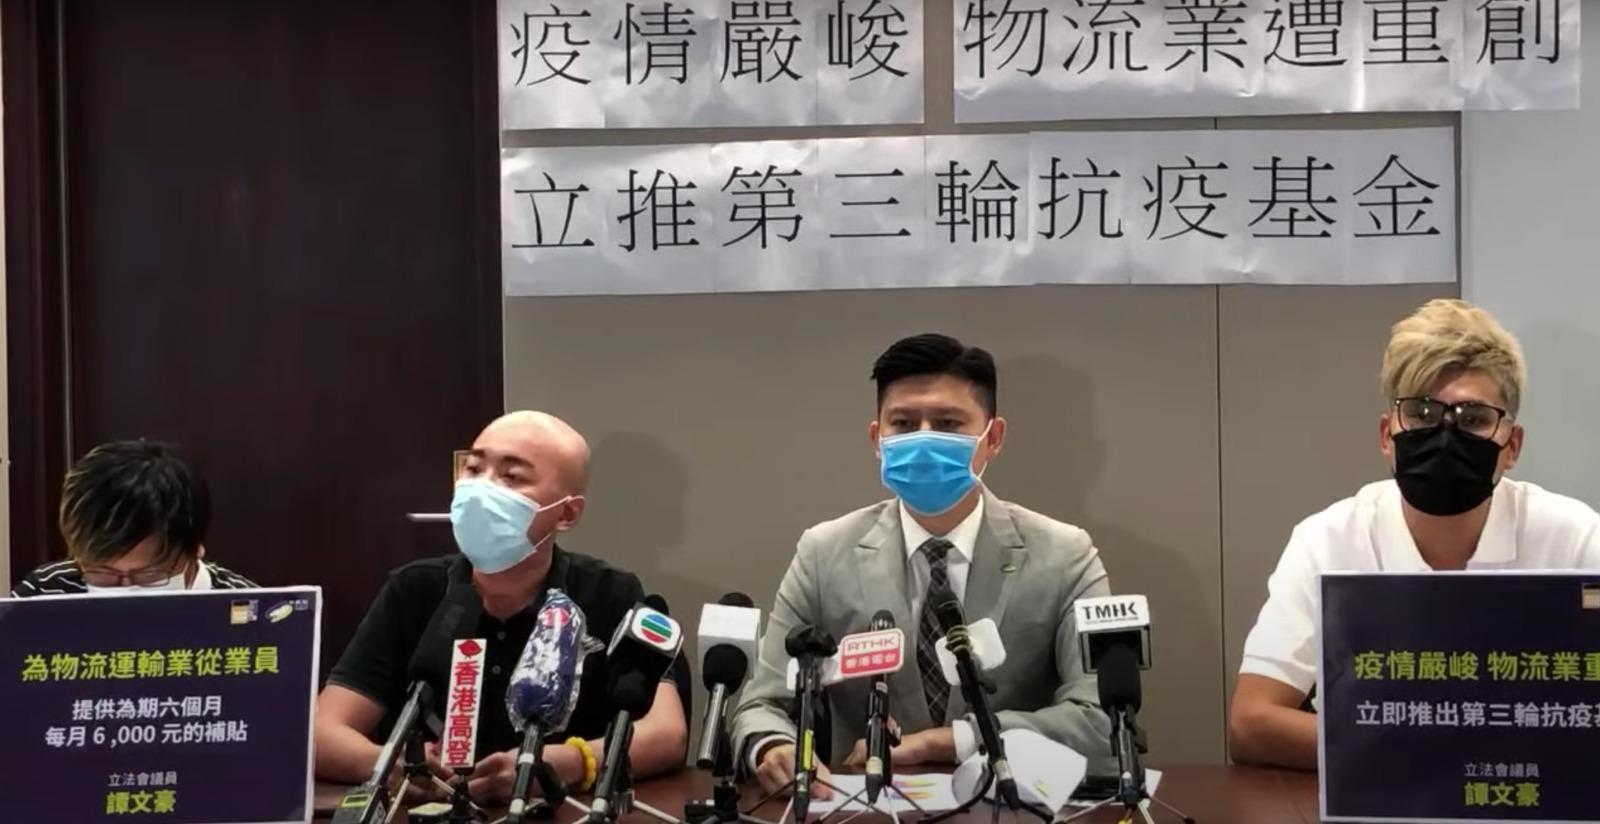 8月14日,物流運輸業代表促請政府盡快推出第3輪抗疫基金,向從業員提供每月6千港元補貼。(影片截圖)